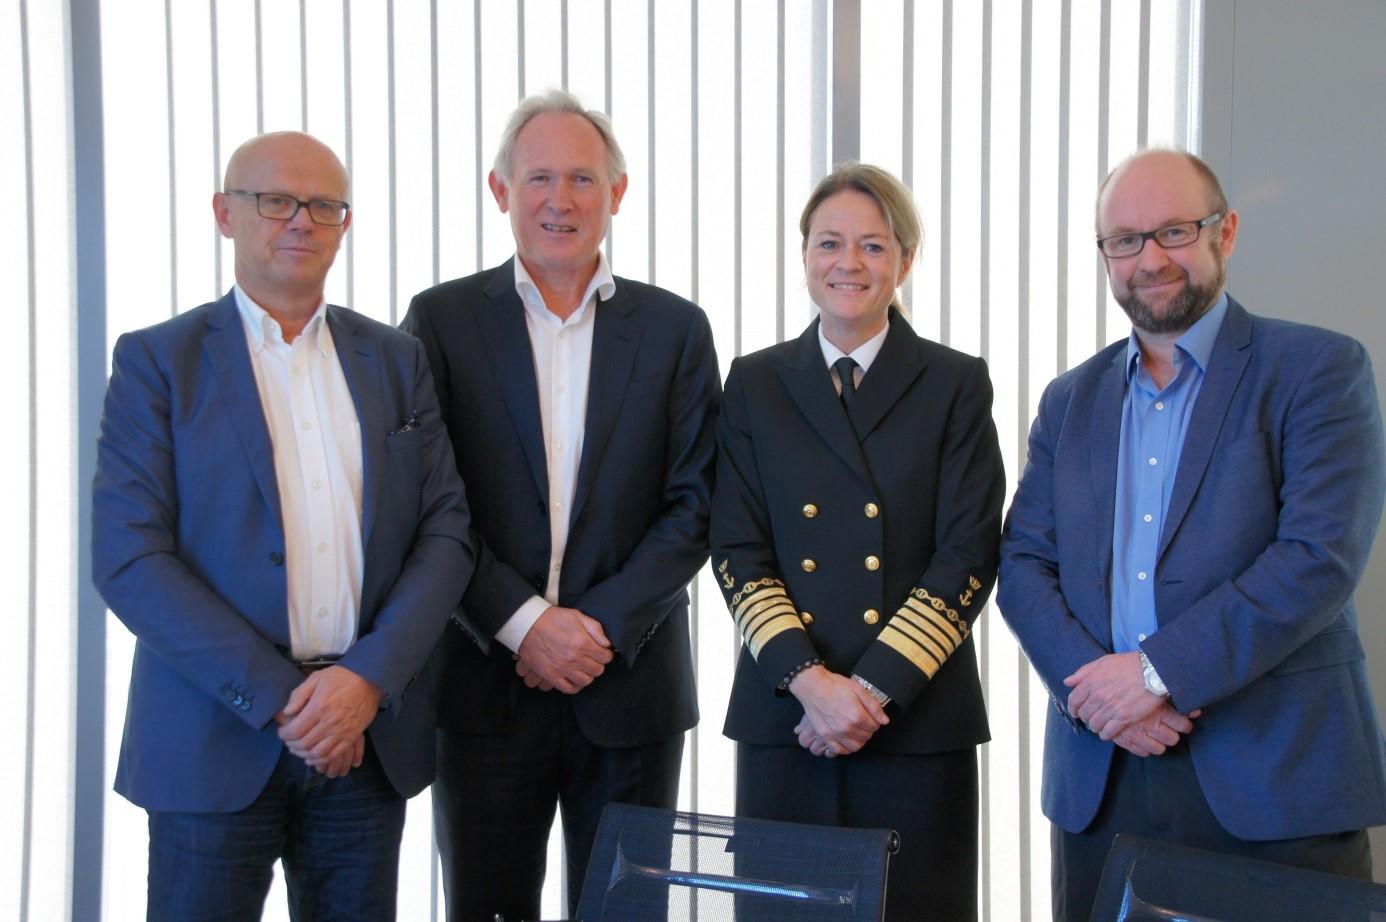 Fra venstre: Leif Emil Brekke, Per Åge Hauge, Merete Eik og John Stangeland